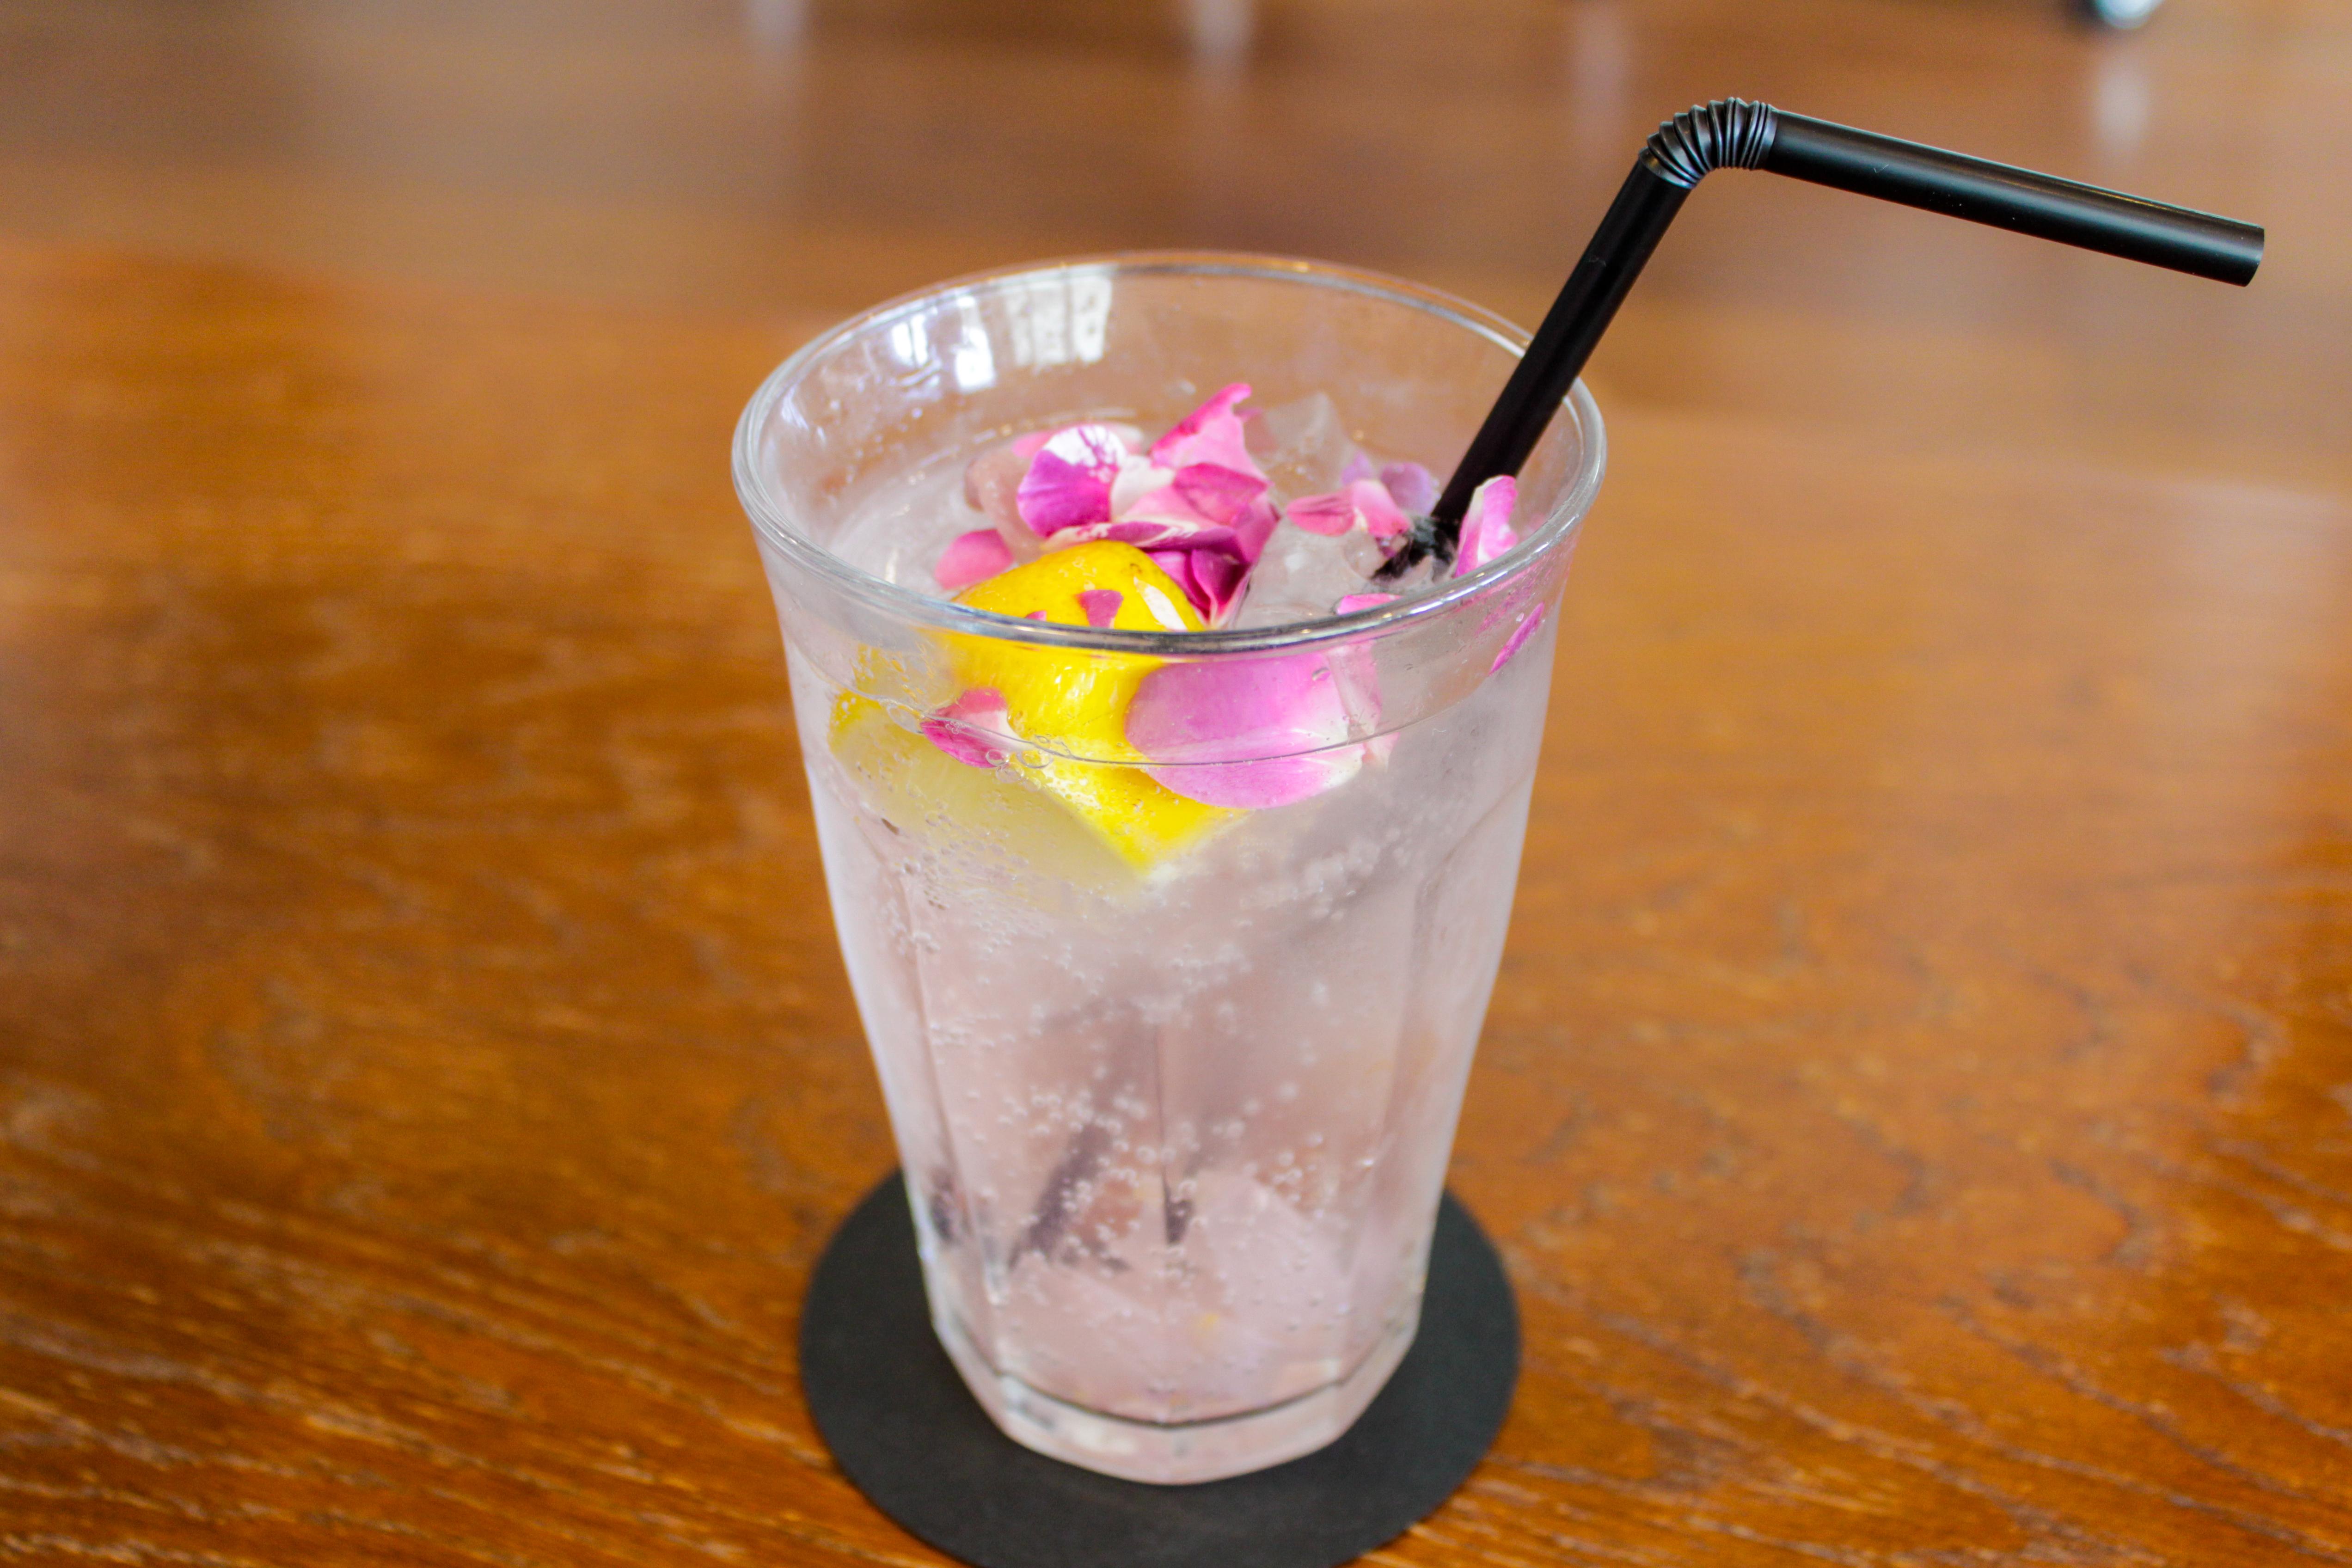 3RD CAFE & MOREのバラのソーダ